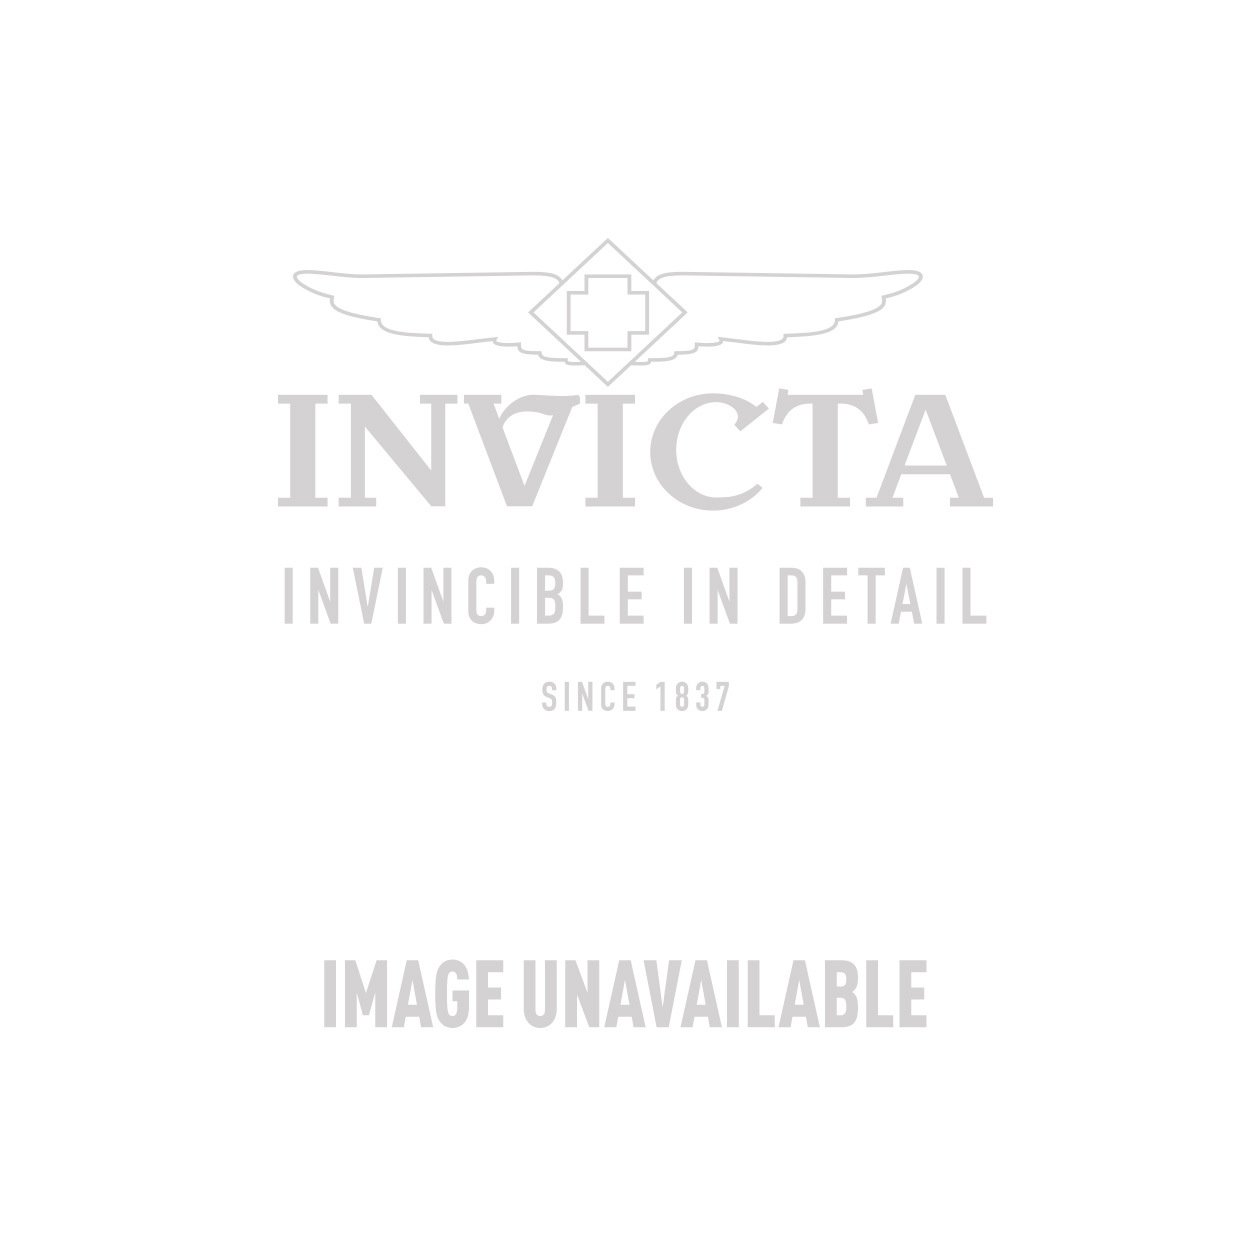 Invicta Model 24801